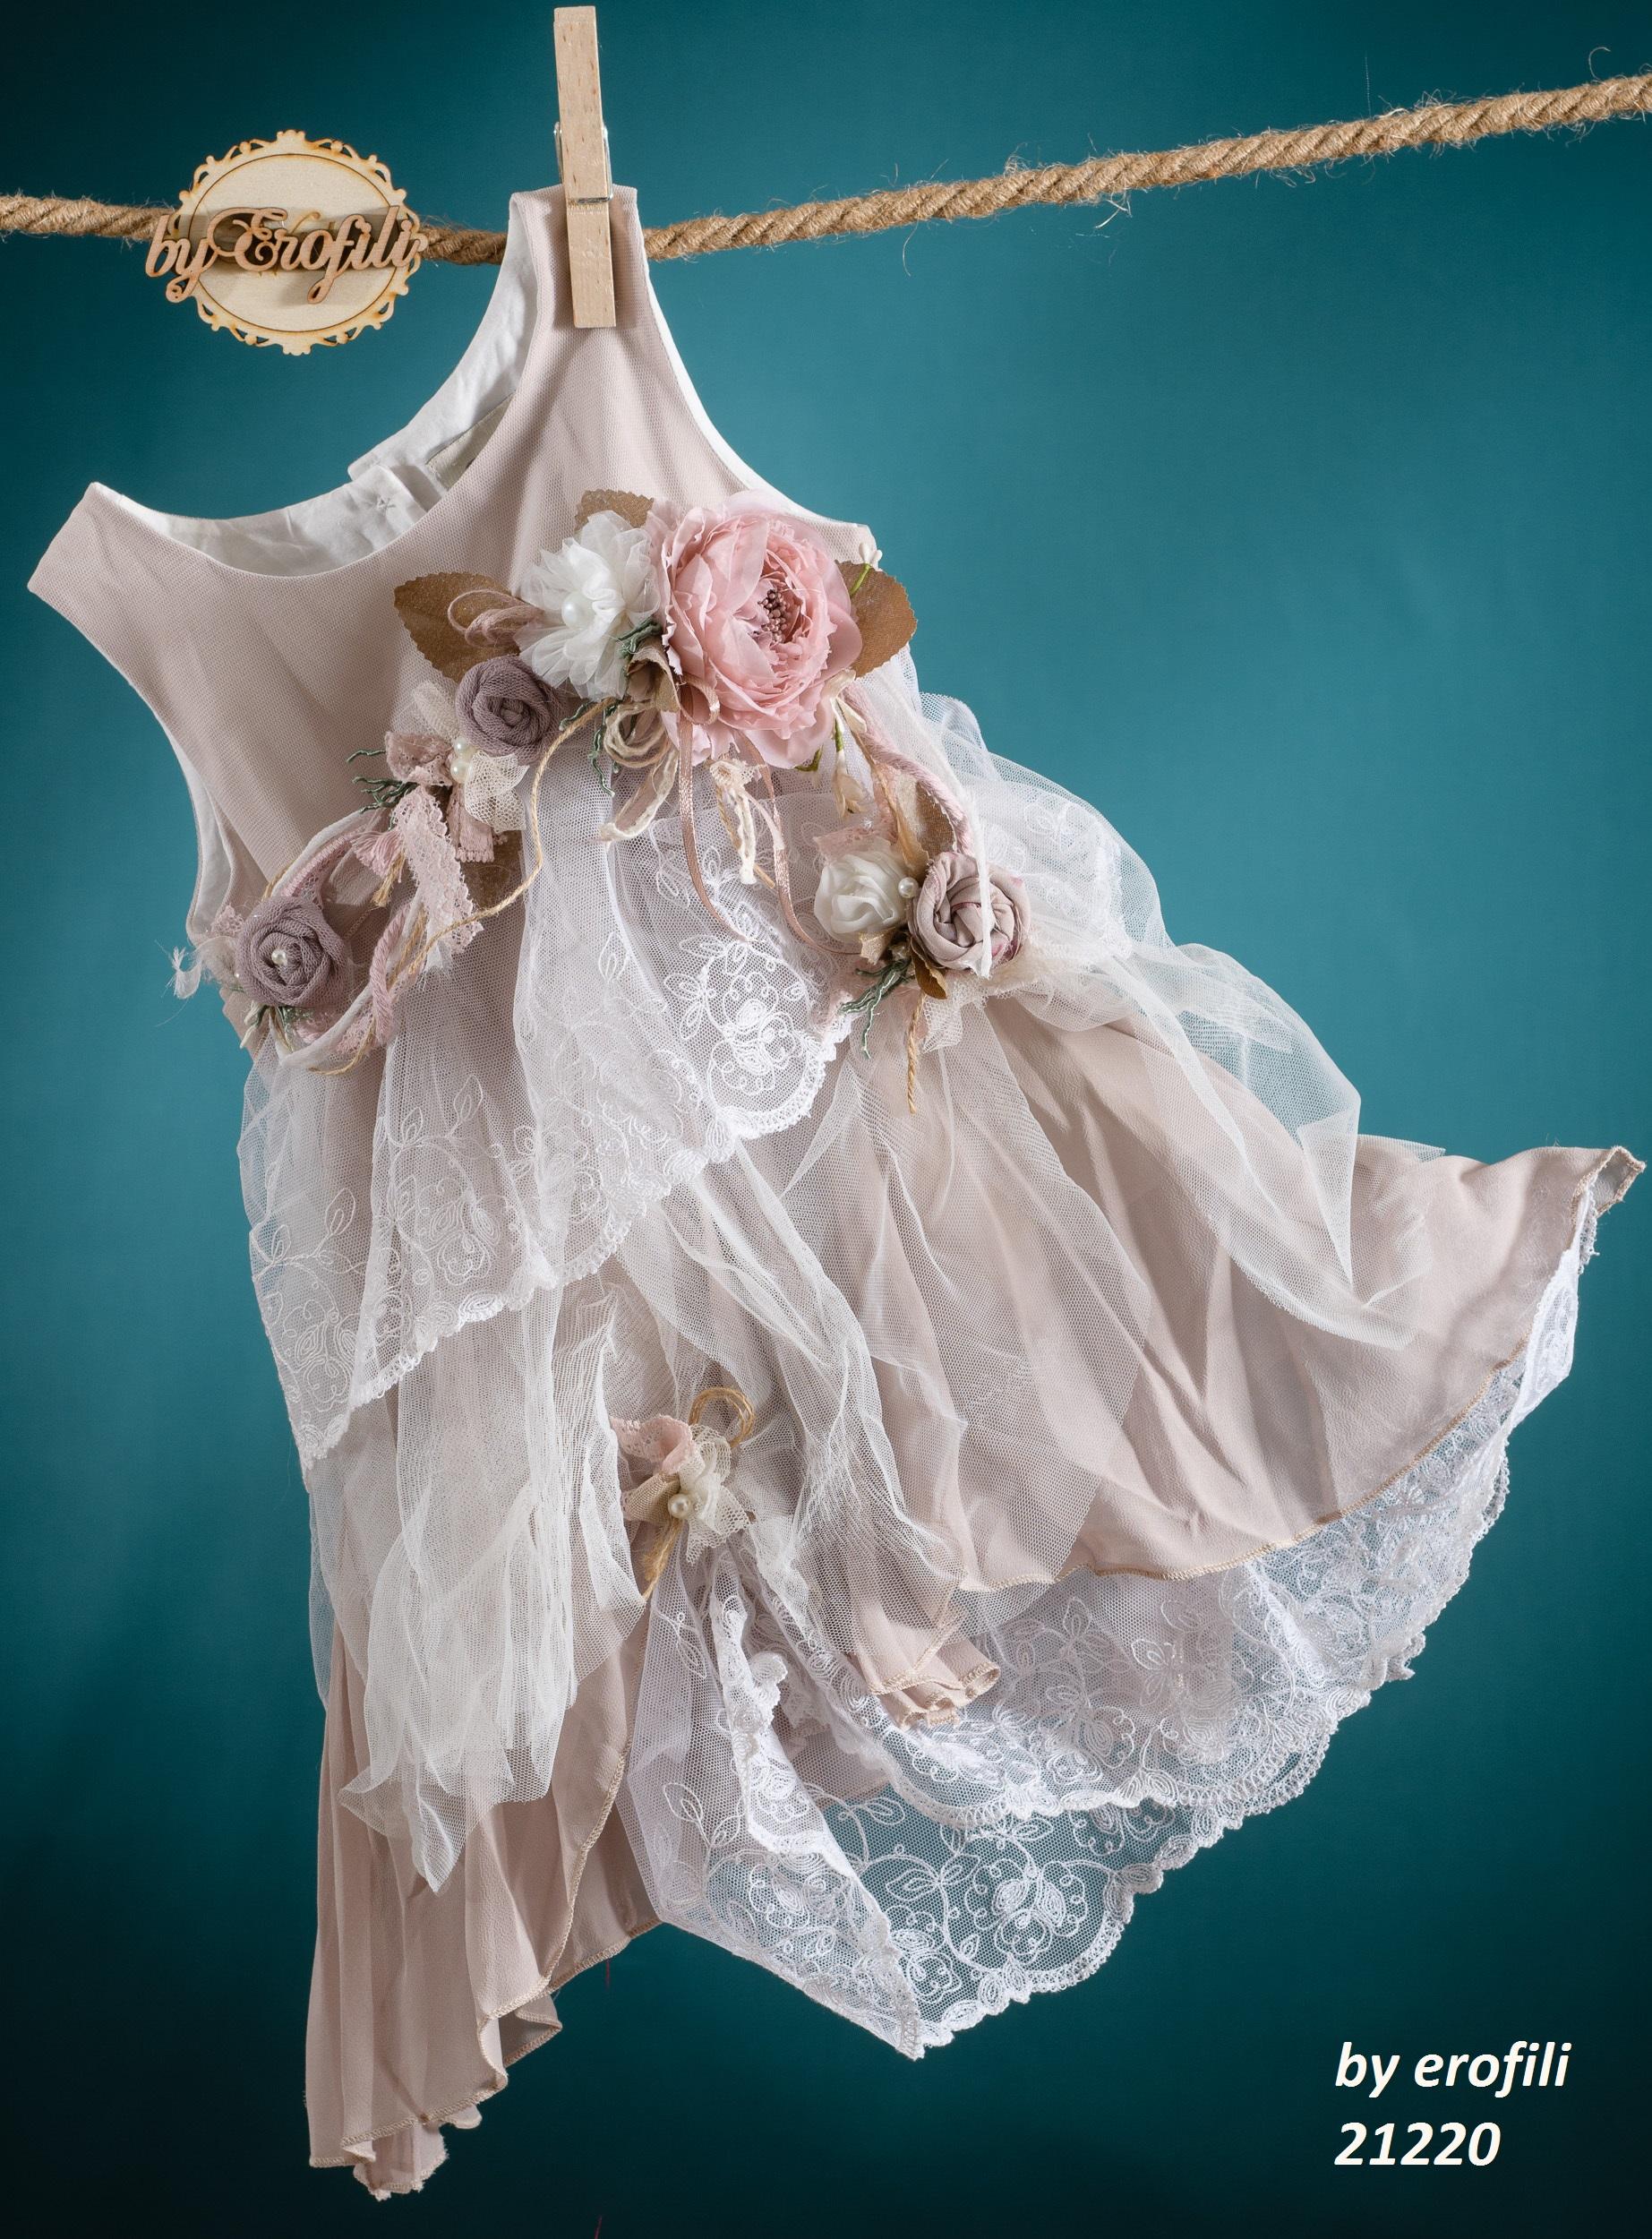 Ένα ρομαντικό ροζ βαφτιστικό σύνολο για κορίτσι με πολλές λεπτομέρειες που περιλαμβάνει:  Φόρεμα (φόδρα από 100% βαμβάκι) σε ροζ παστέλ, στολισμένο με χειροποίητα υφασμάτινα λουλούδια και έναν καταρράκτη από δαντέλες  Στεφανάκι ή καπελάκι με χειροποίητα λουλούδια